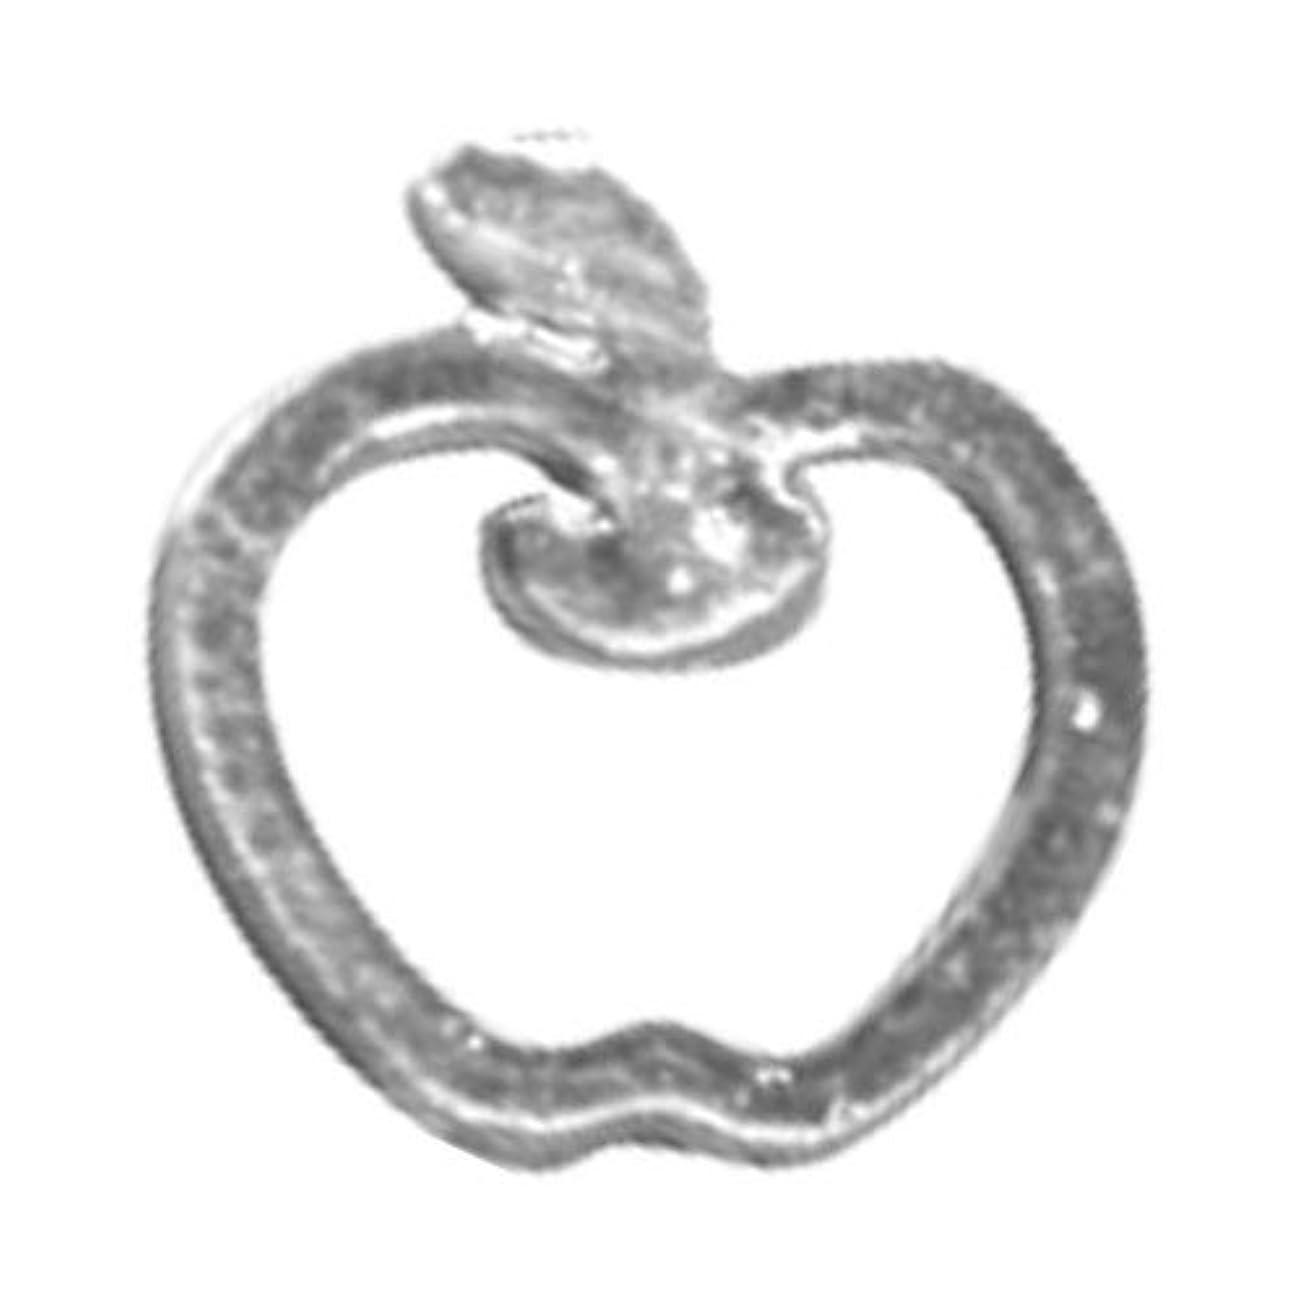 キャンバス名前を作る怠けたリトルプリティー ネイルアートパーツ リンゴ SS シルバー 10個